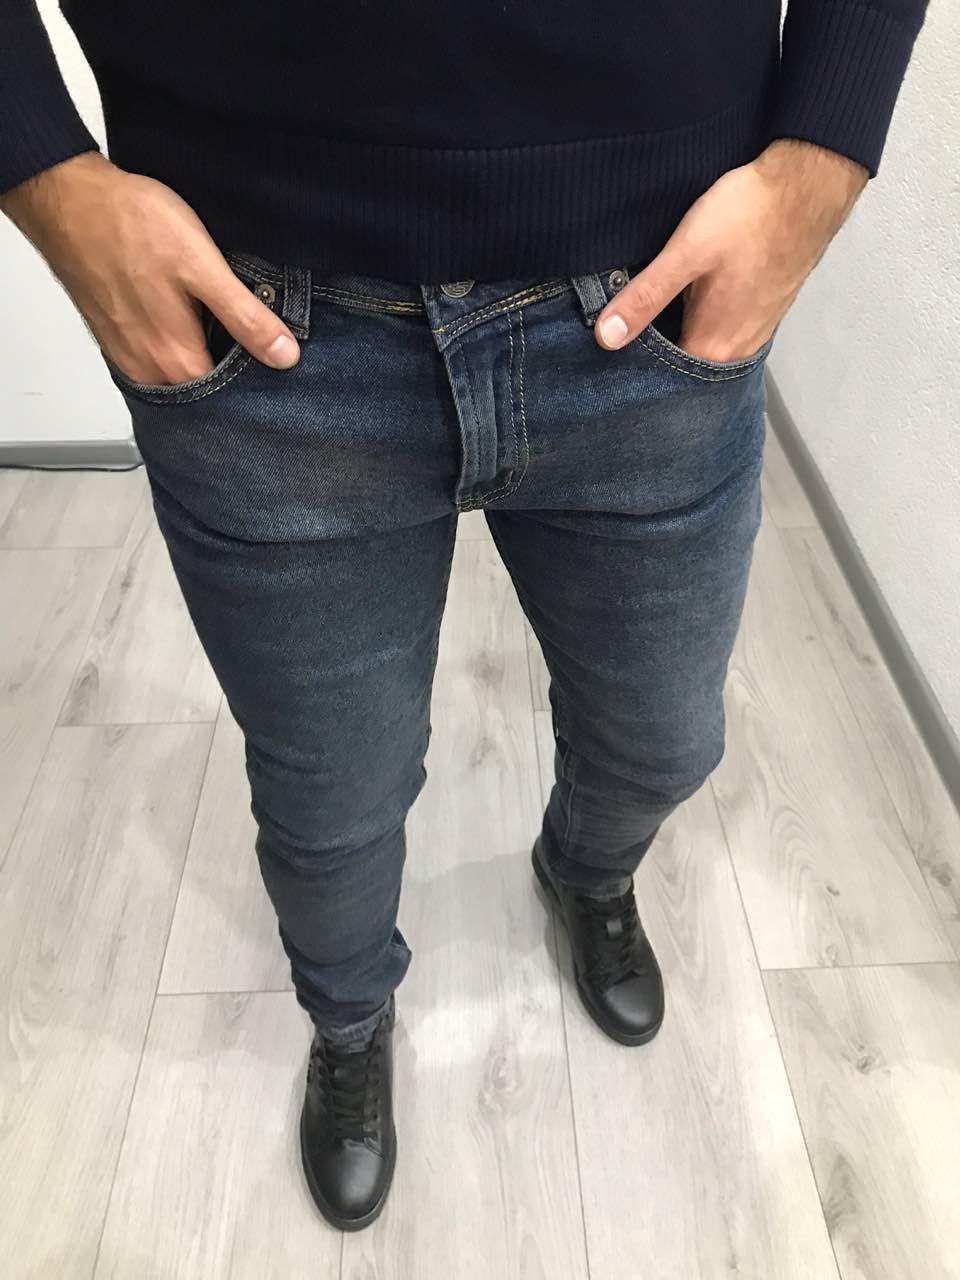 Мужские джинсы CALVIN KLEIN 29,30,31,32,33,34,36- плотный джинс-стрейч, отличная посадка